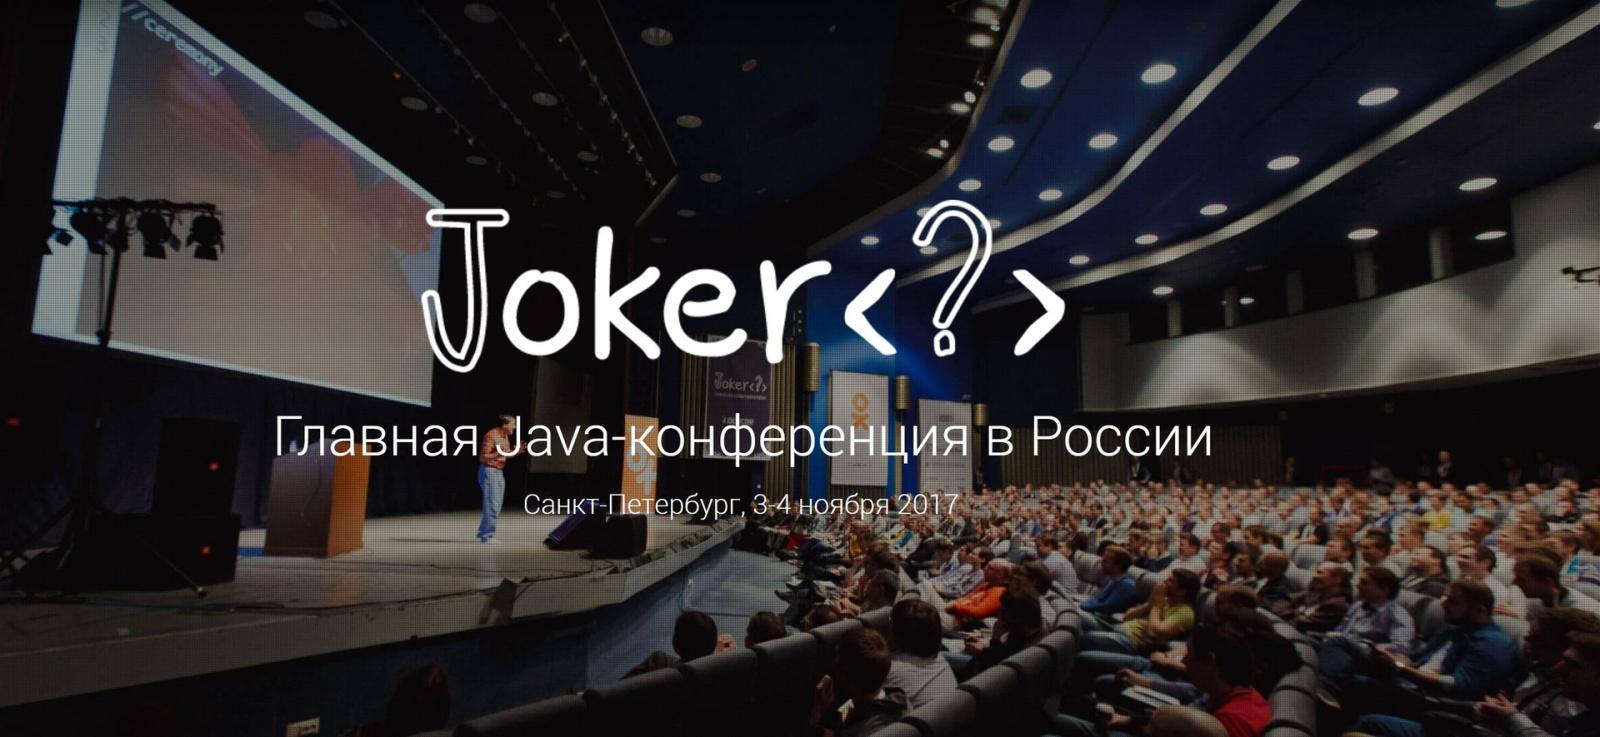 Анонс конференции Joker 2017: День Java-единства - 1